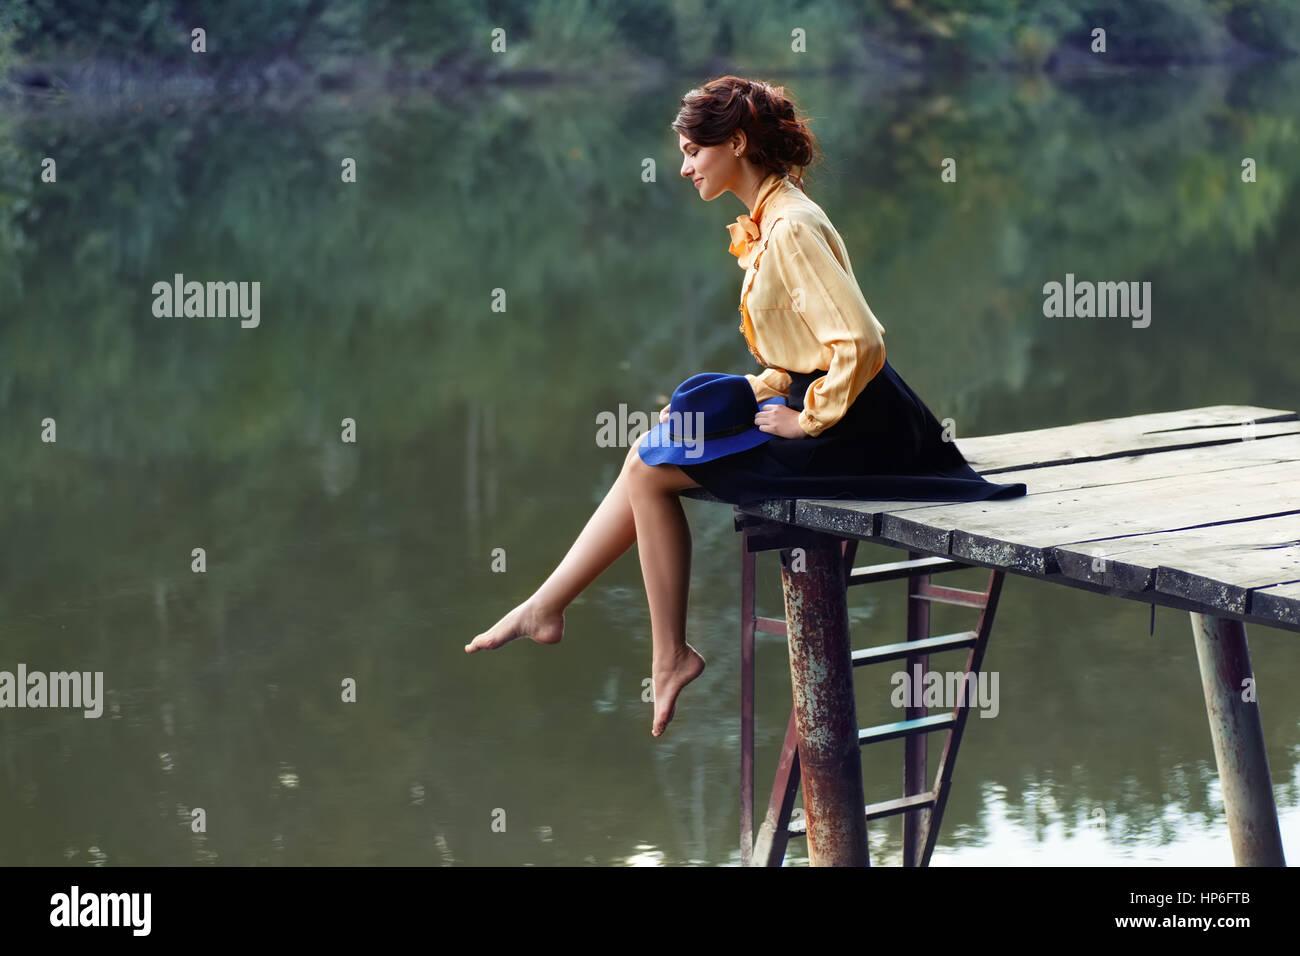 Vista Laterale Del Sognare Ragazza Seduta Sul Molo La Foresta E Il Fiume Sullo Sfondo Bella Donna Seduta Dal Lago Lonely Donna Seduta Su Una Tavola Di Legno Brid Foto Stock